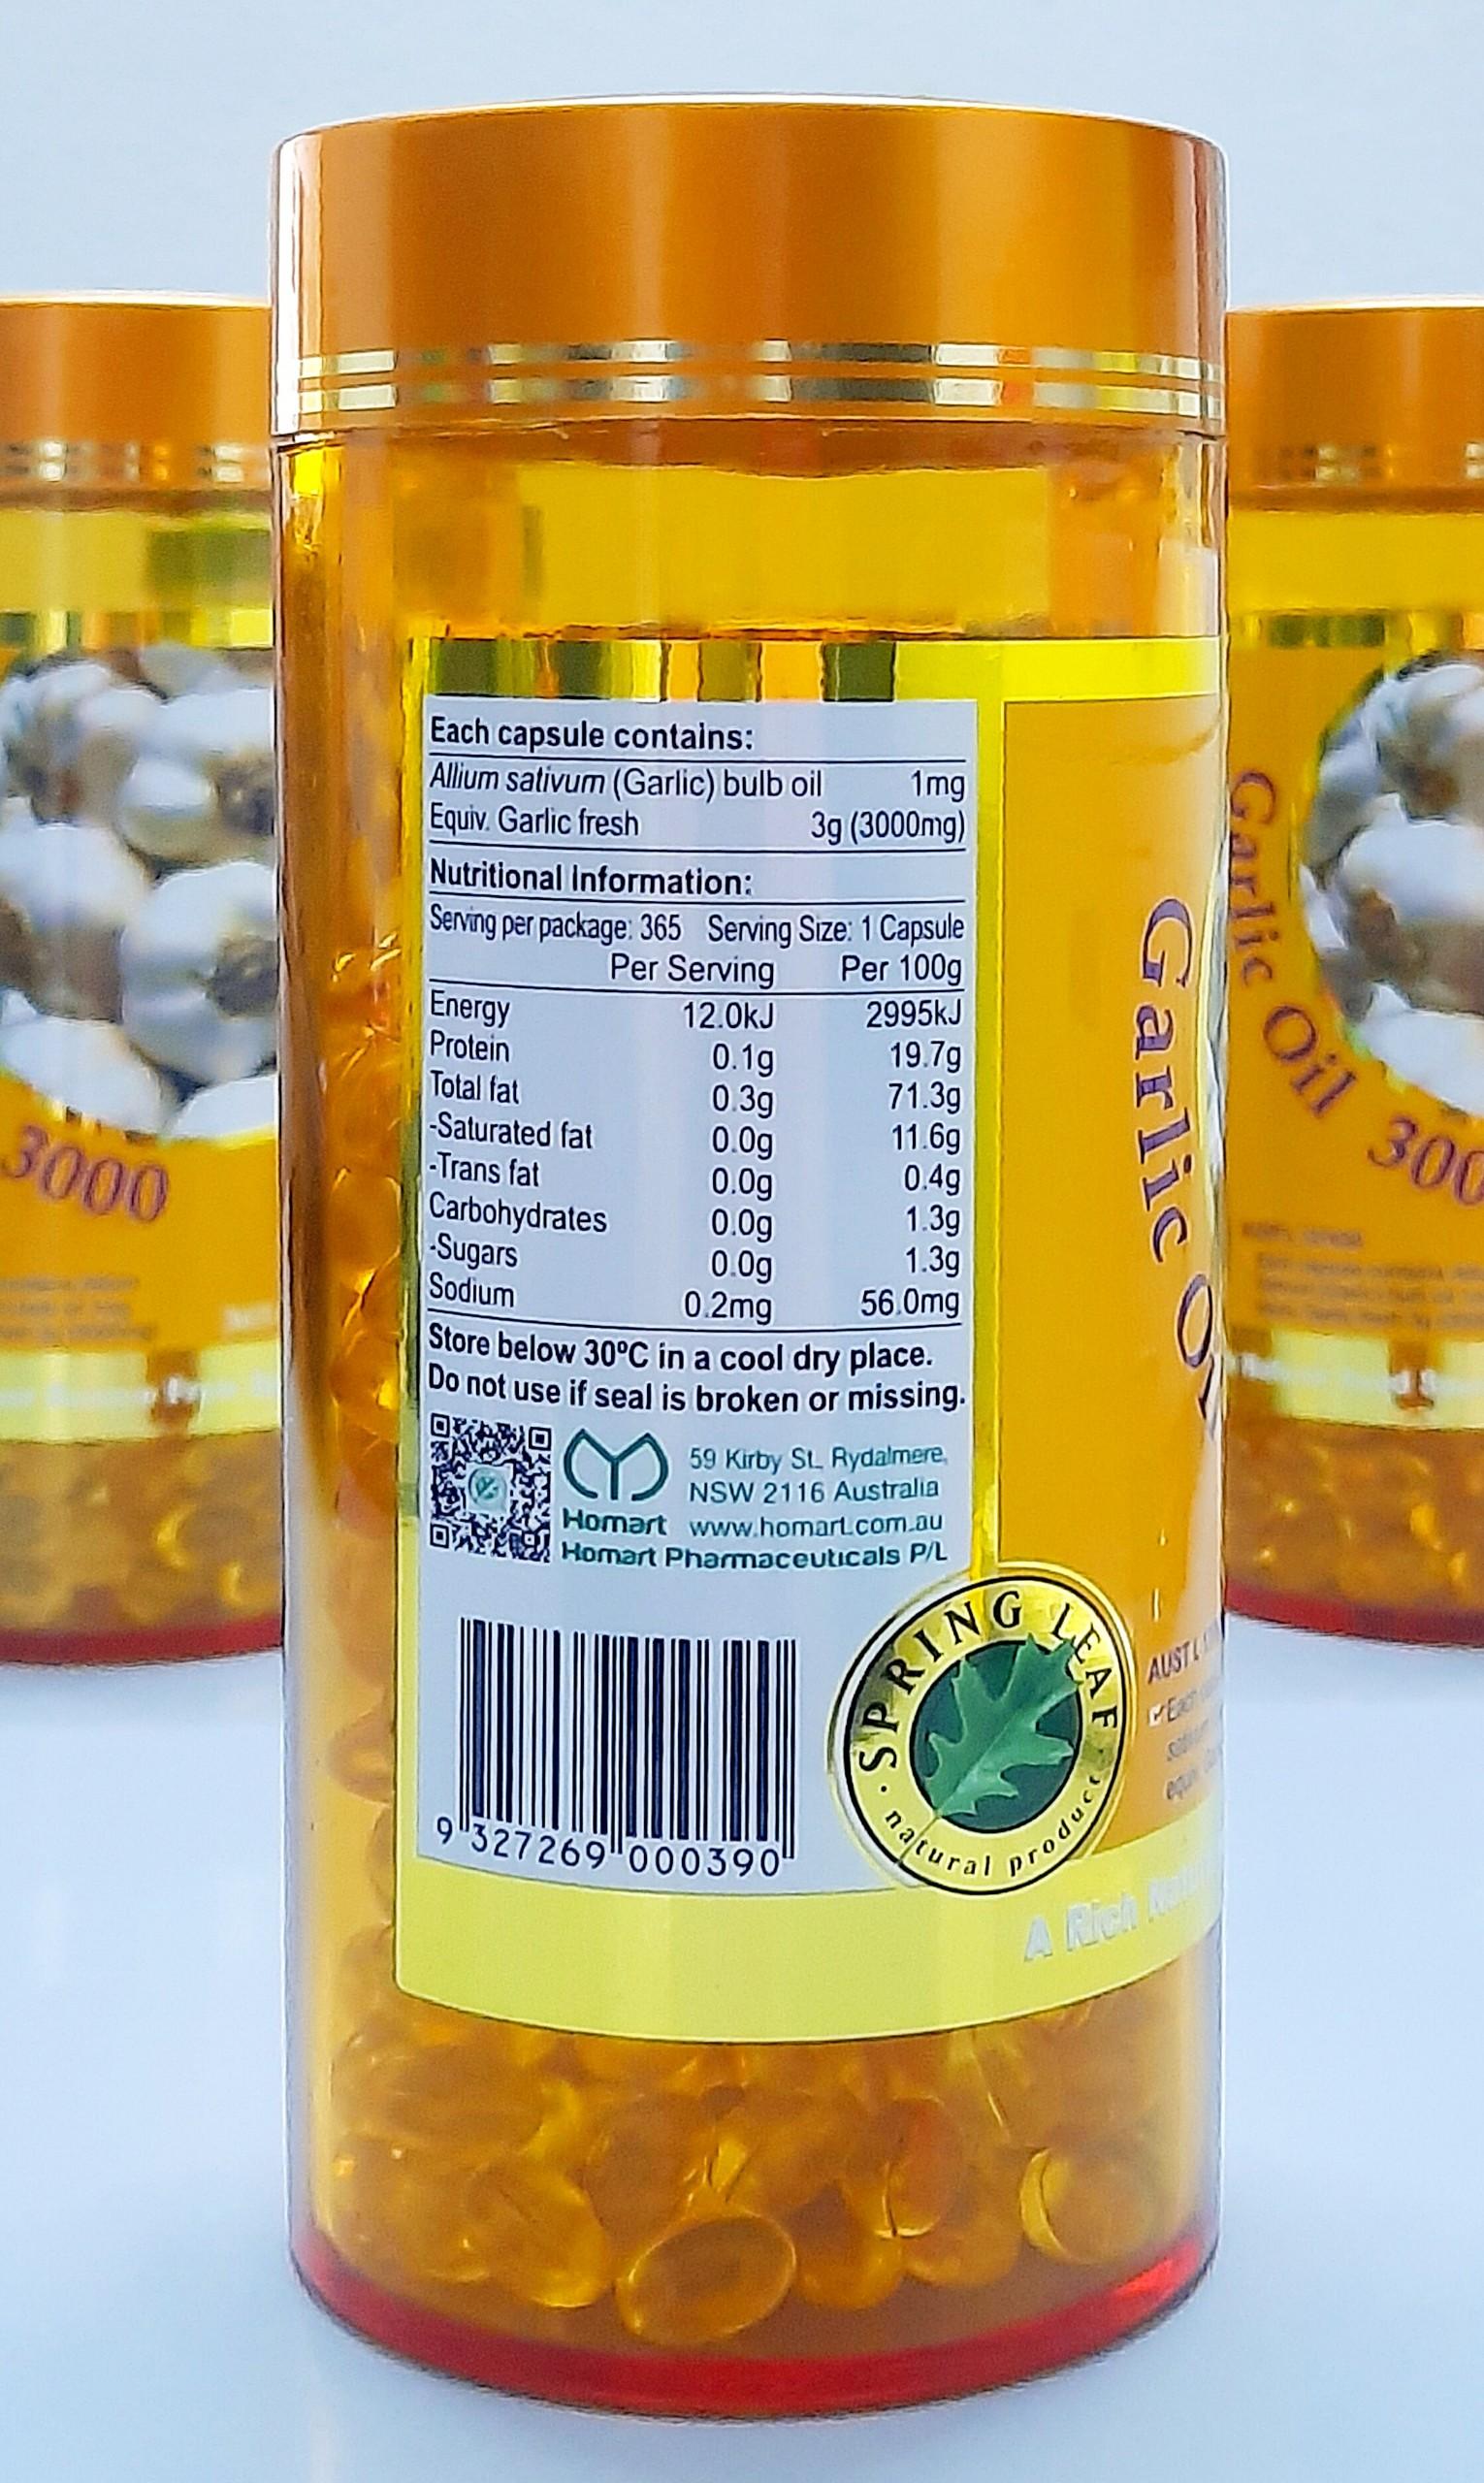 tinh dau toi spring leaf garlic oil 3000mg cua uc